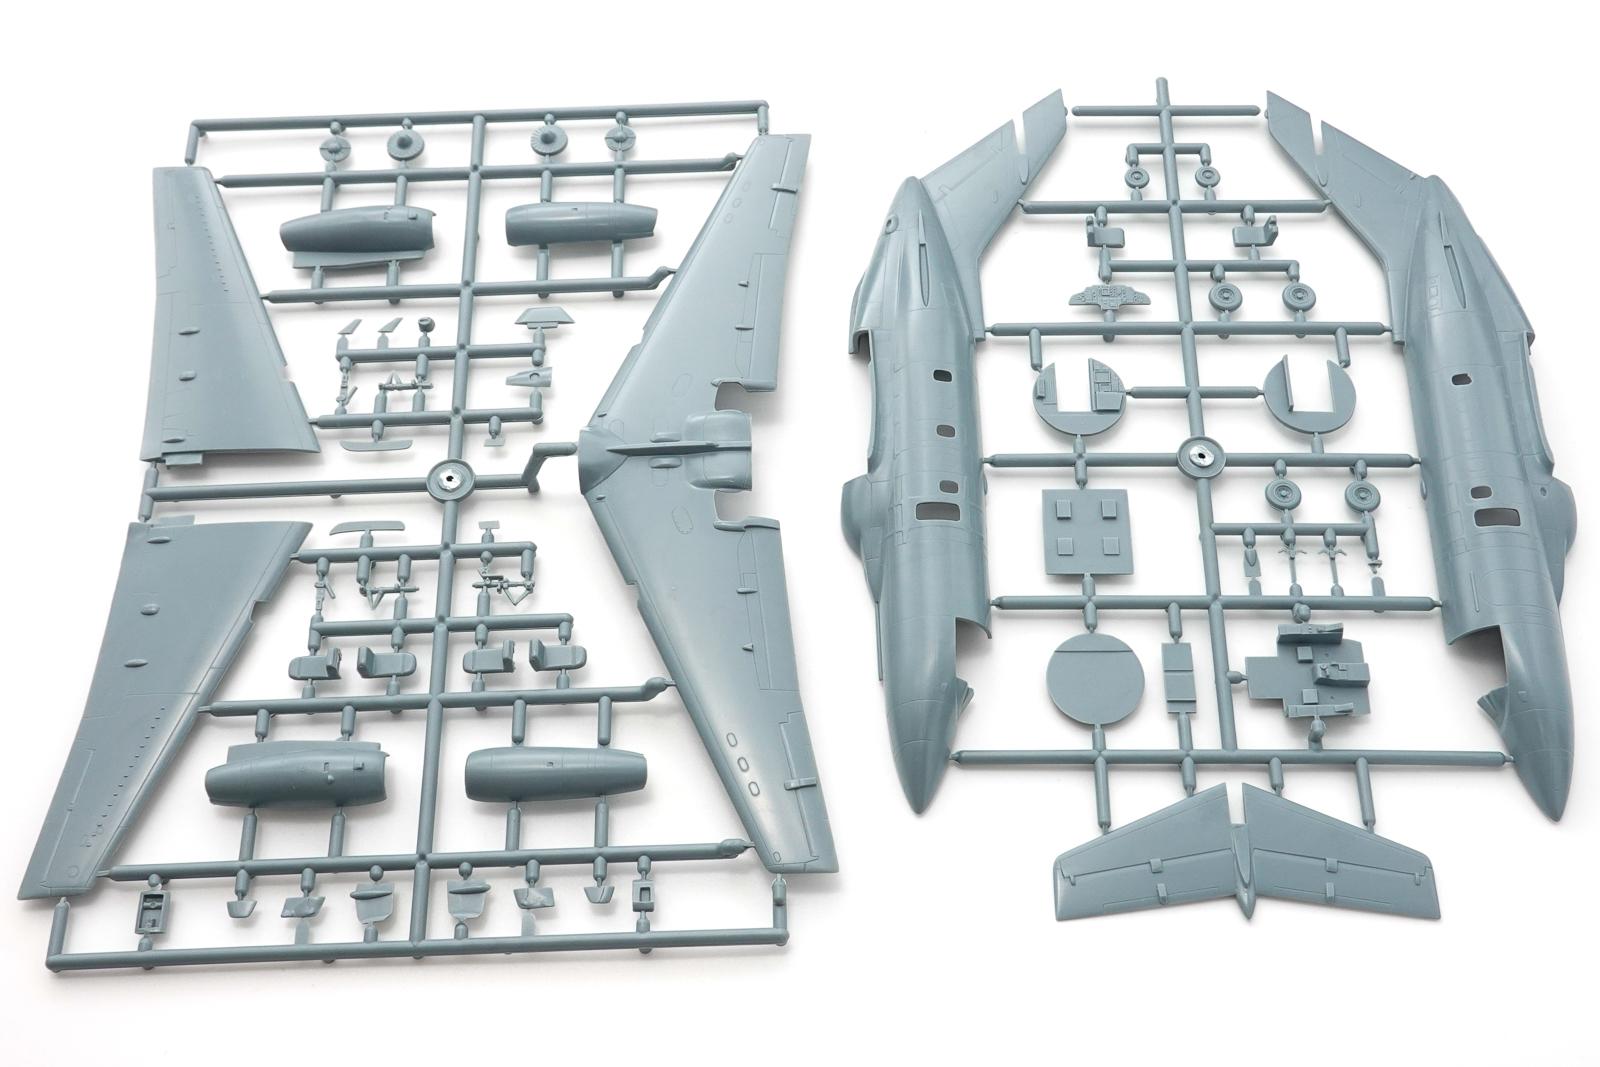 ソード 1/72 航空自衛隊 U-125 プラモデル パーツ